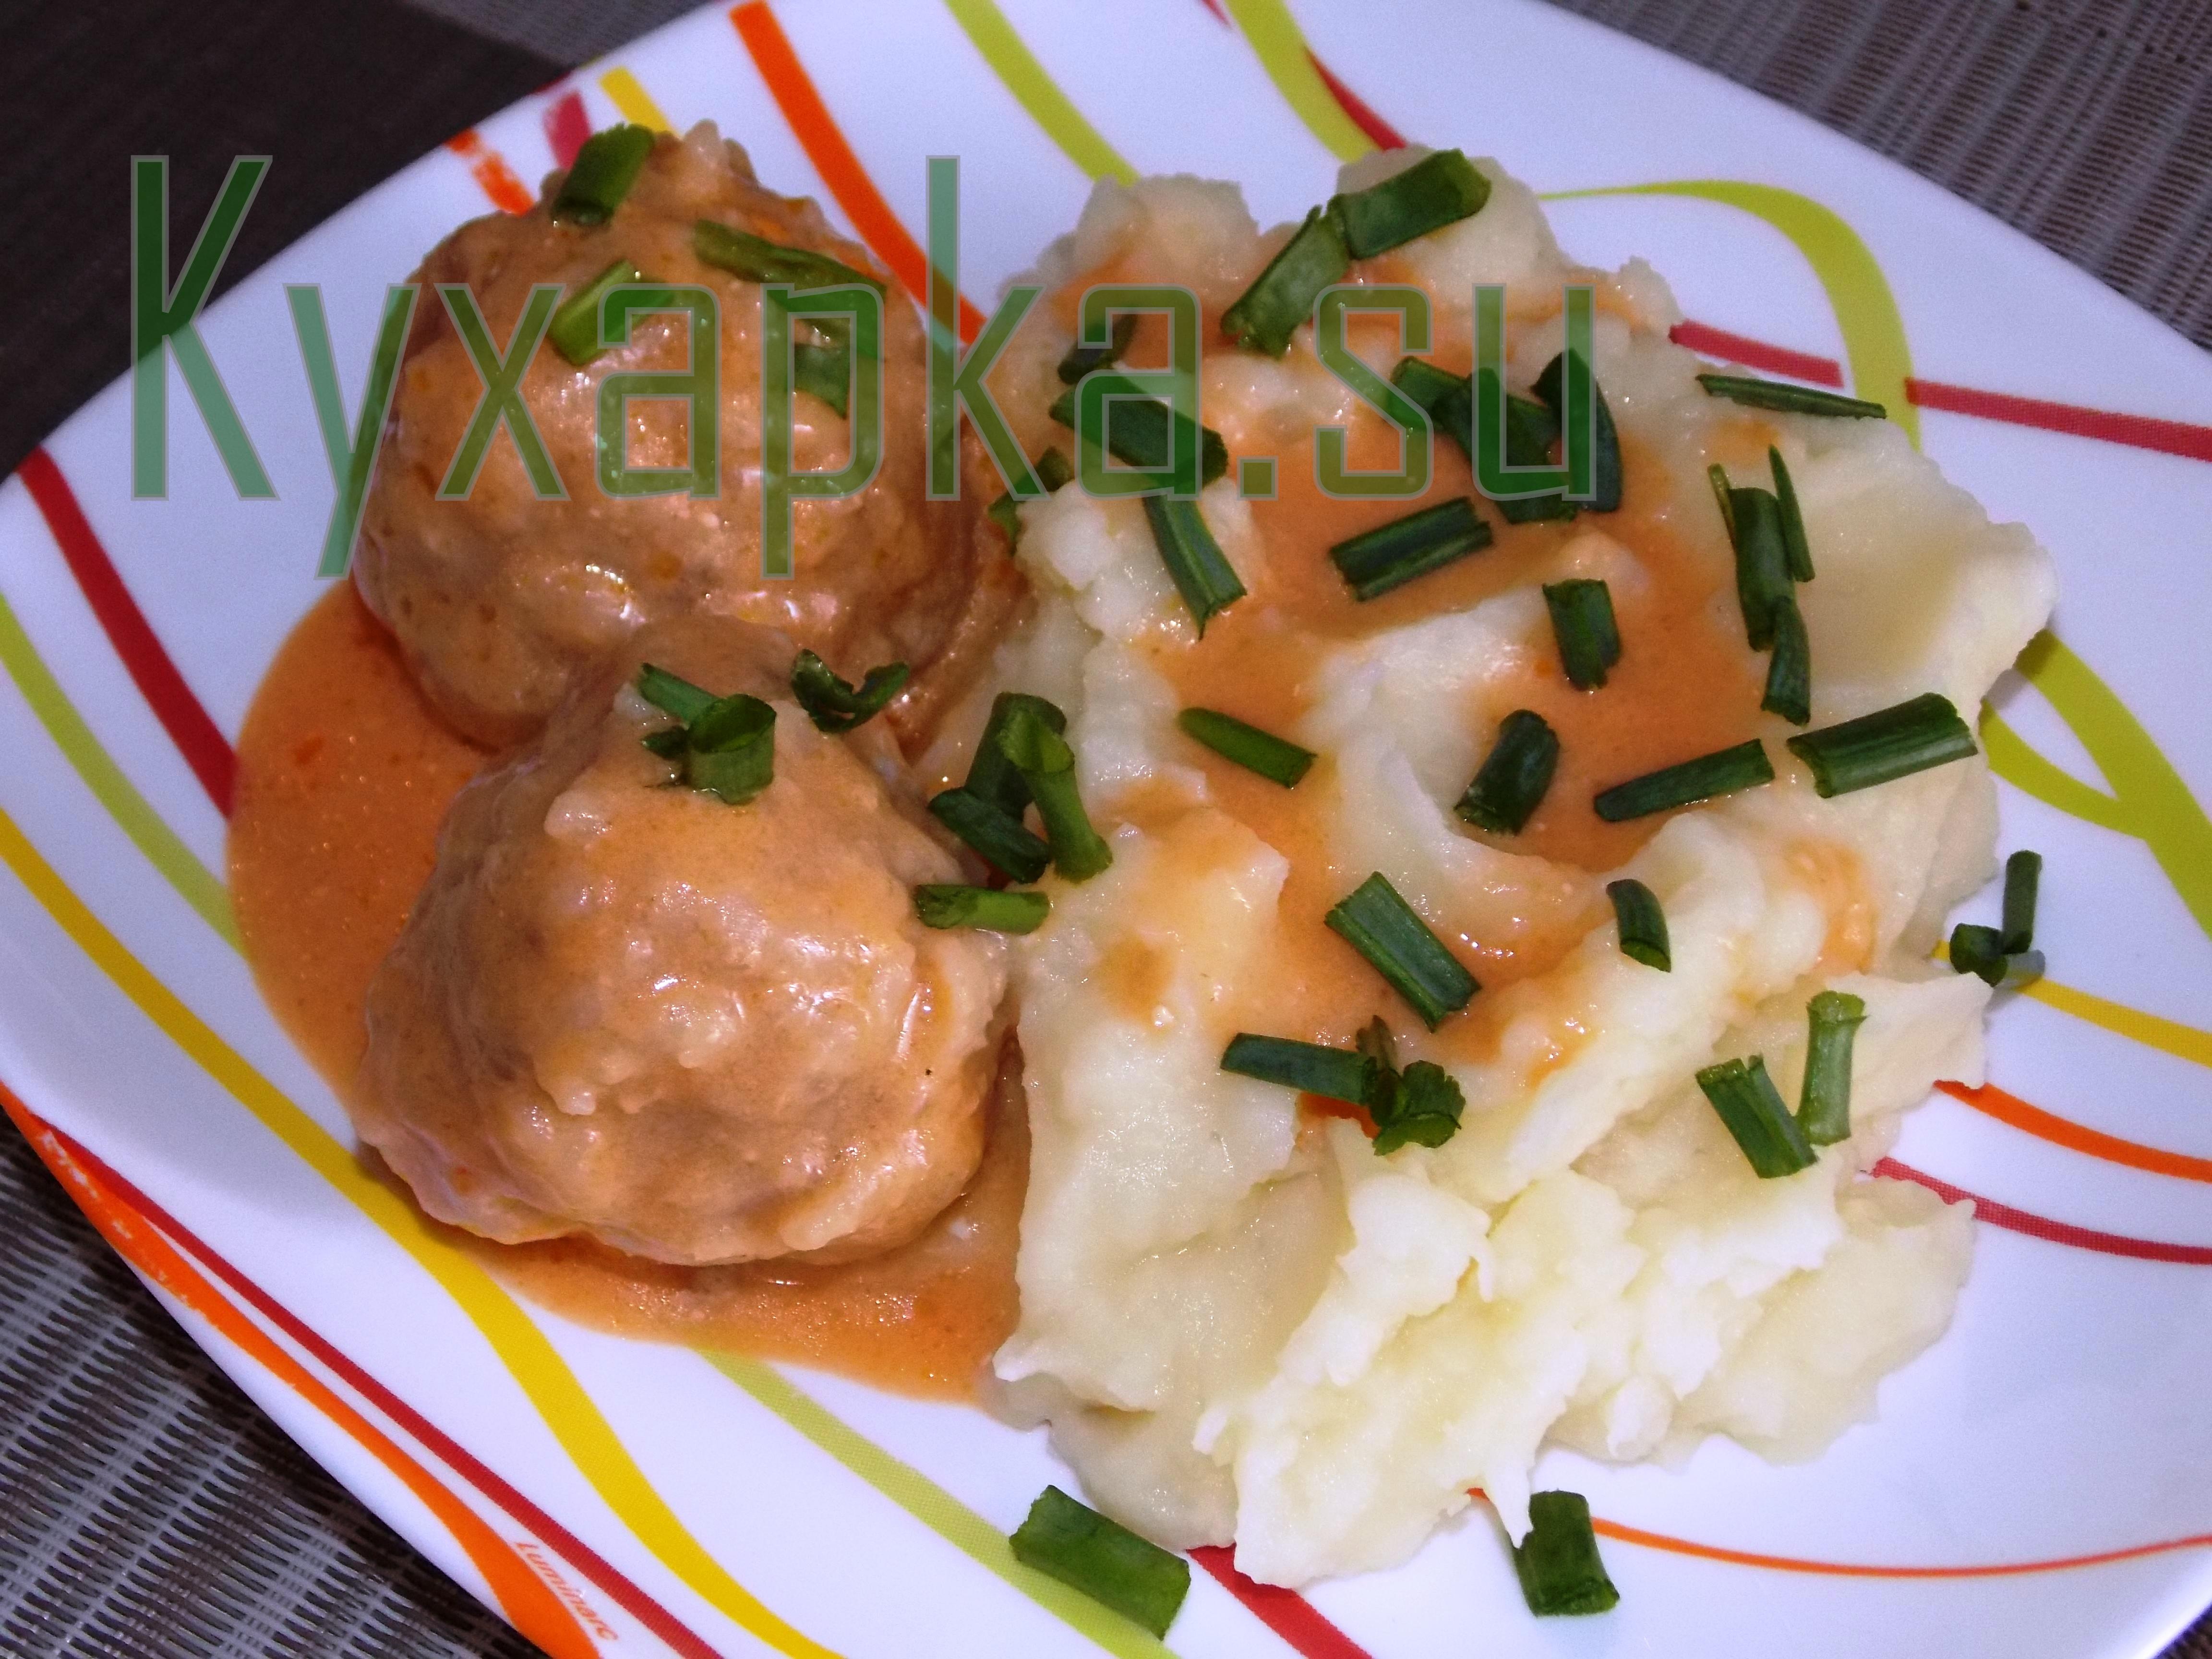 Картофельное пюре с мясными фрикадельками фото Kyxapka.su